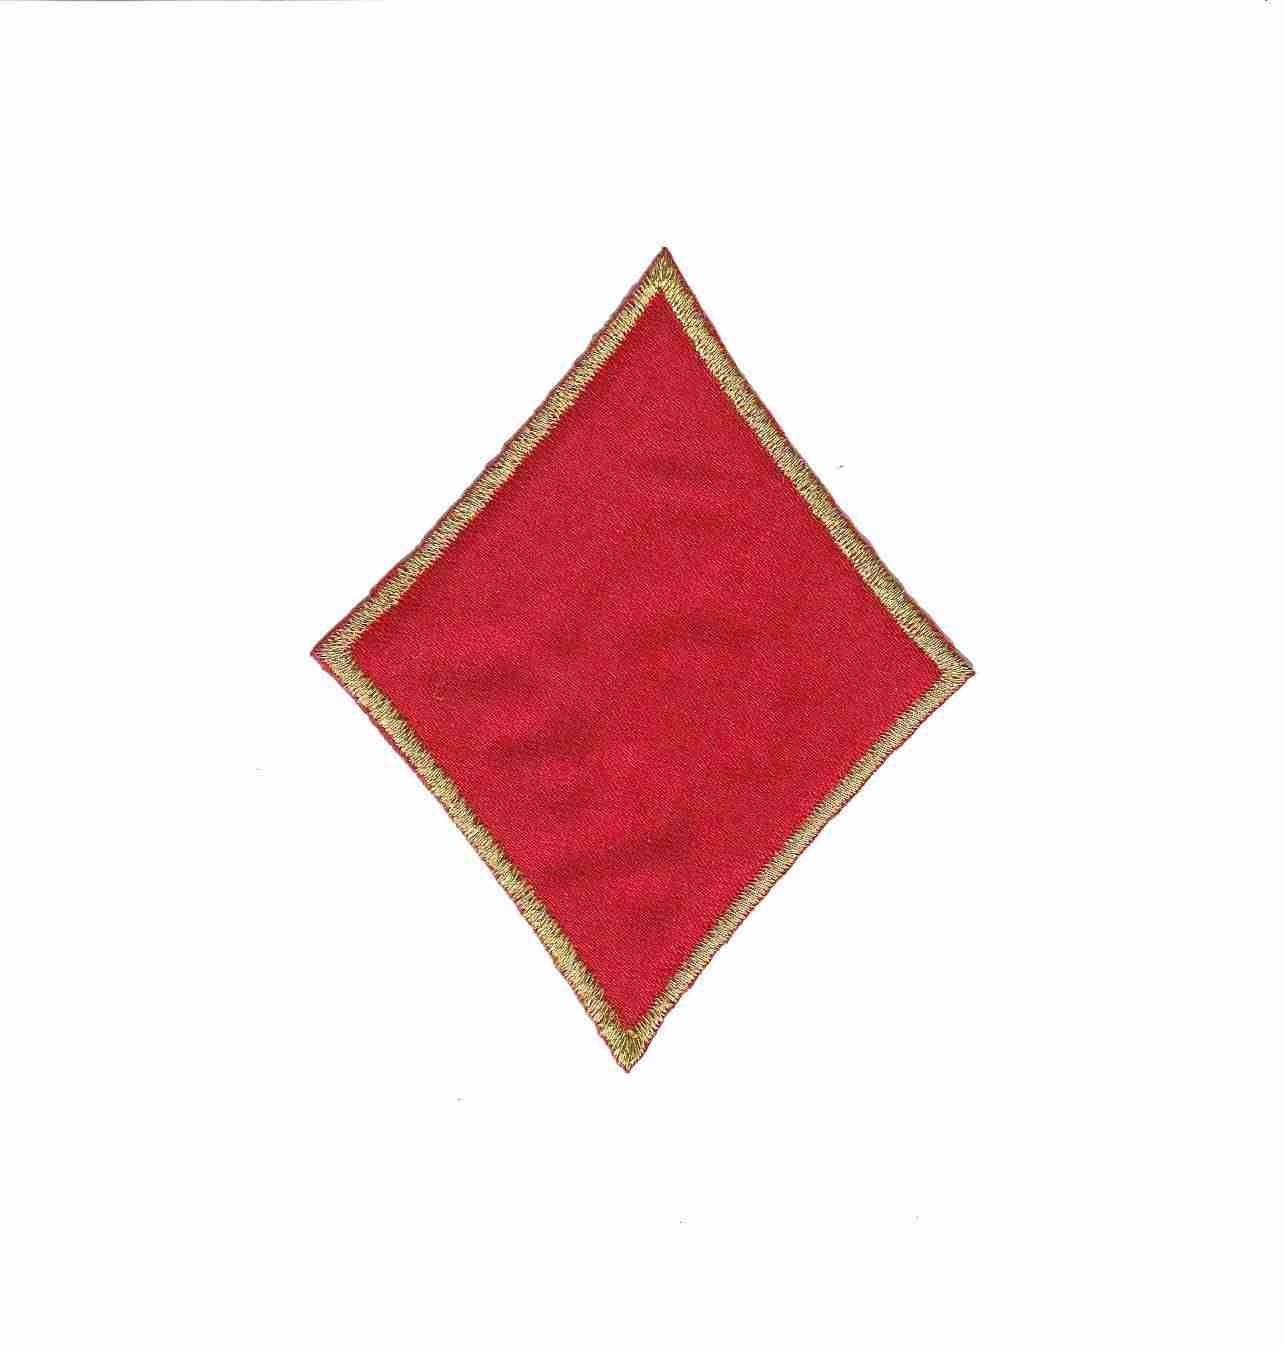 Card Suit Symbols Diamond Iron On Patch Applique